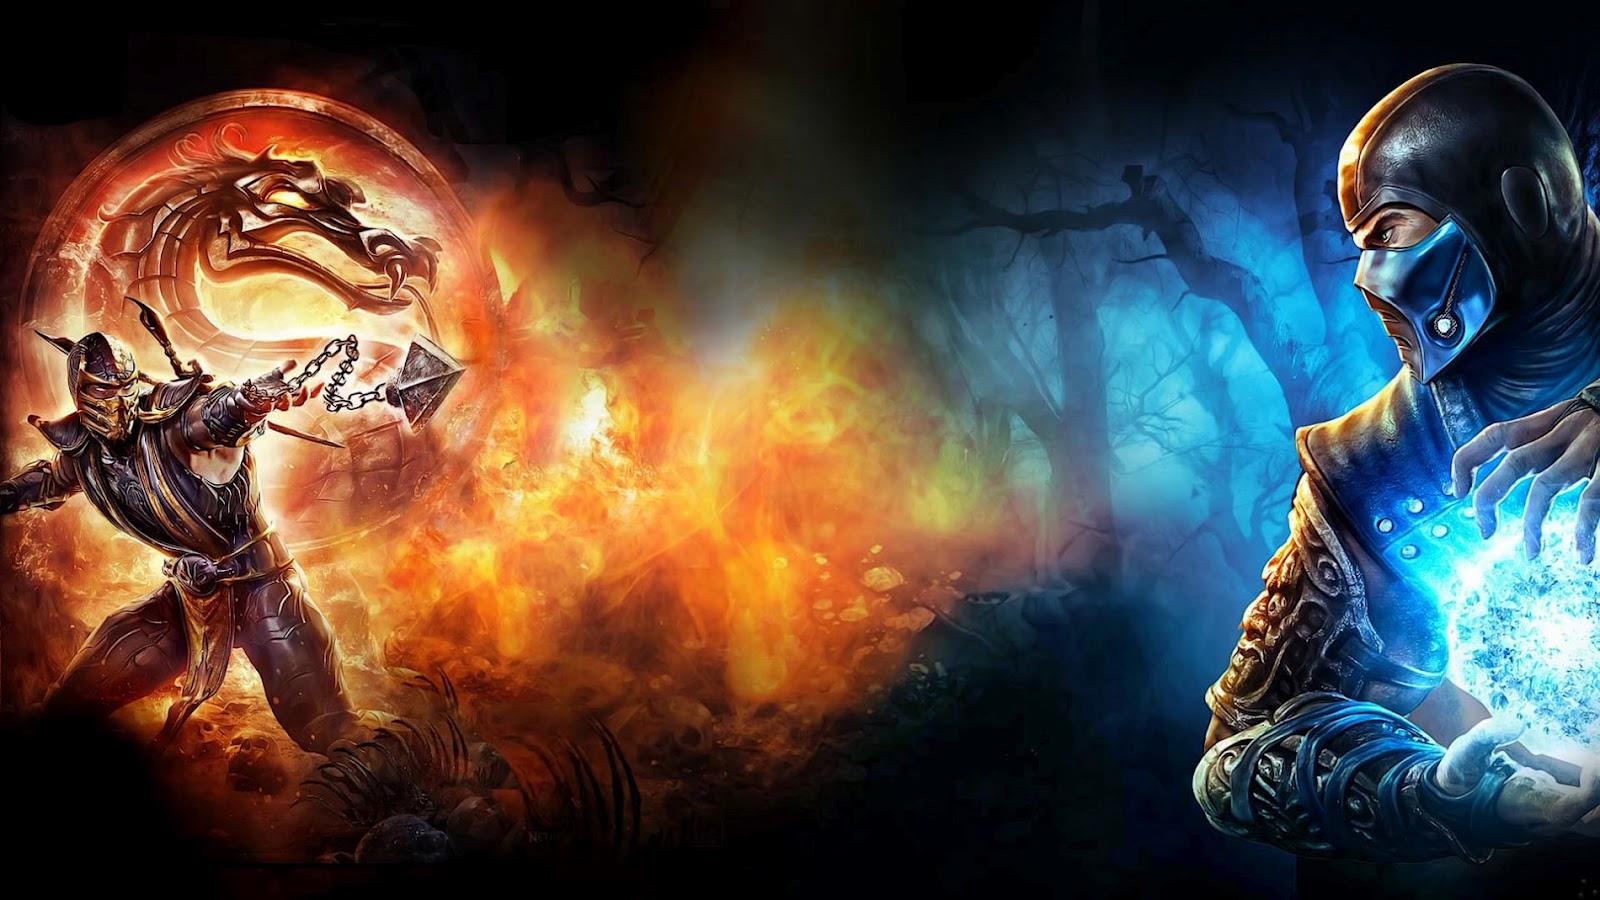 http://2.bp.blogspot.com/-_0ssVF7QNFw/UBdqUAu9Q9I/AAAAAAAAJOg/r-qQjxZA5gA/s1600/mortal-kombat-wallpaper-hd-sub-zero-scorpion-game.jpg